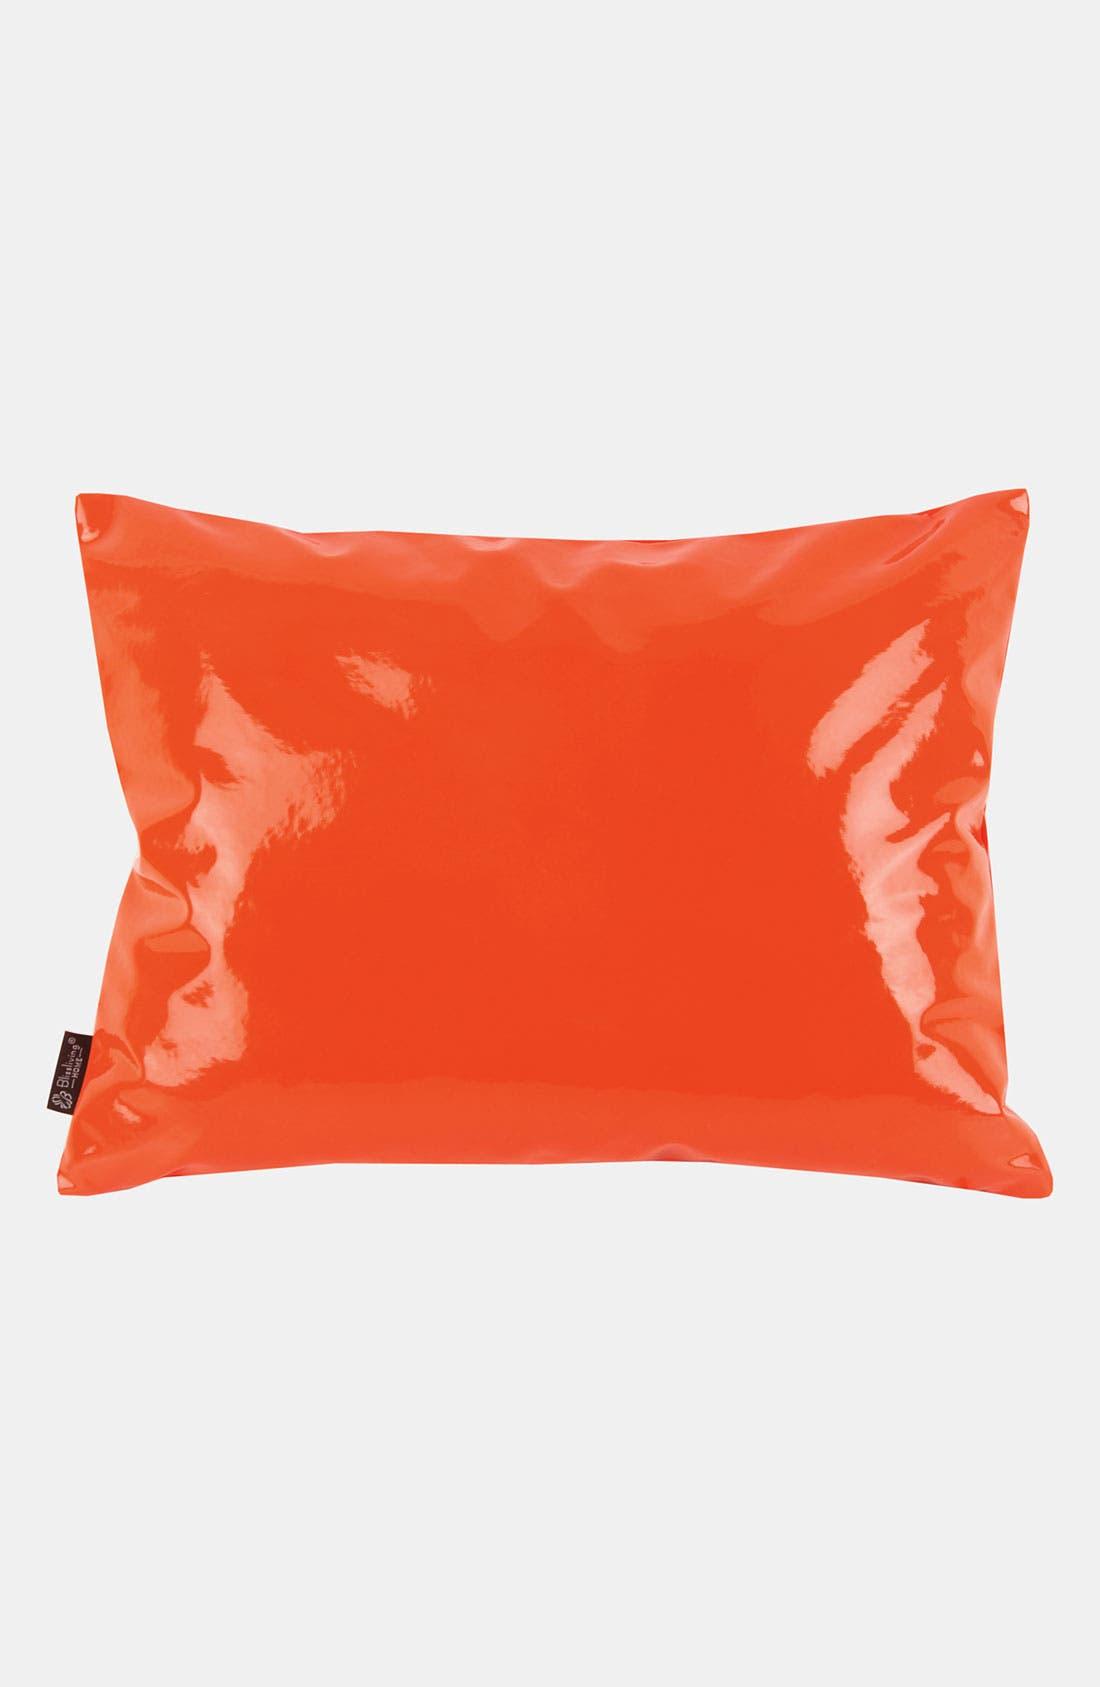 Alternate Image 1 Selected - Blissliving Home 'Soho' Vinyl Pillow (Online Only)